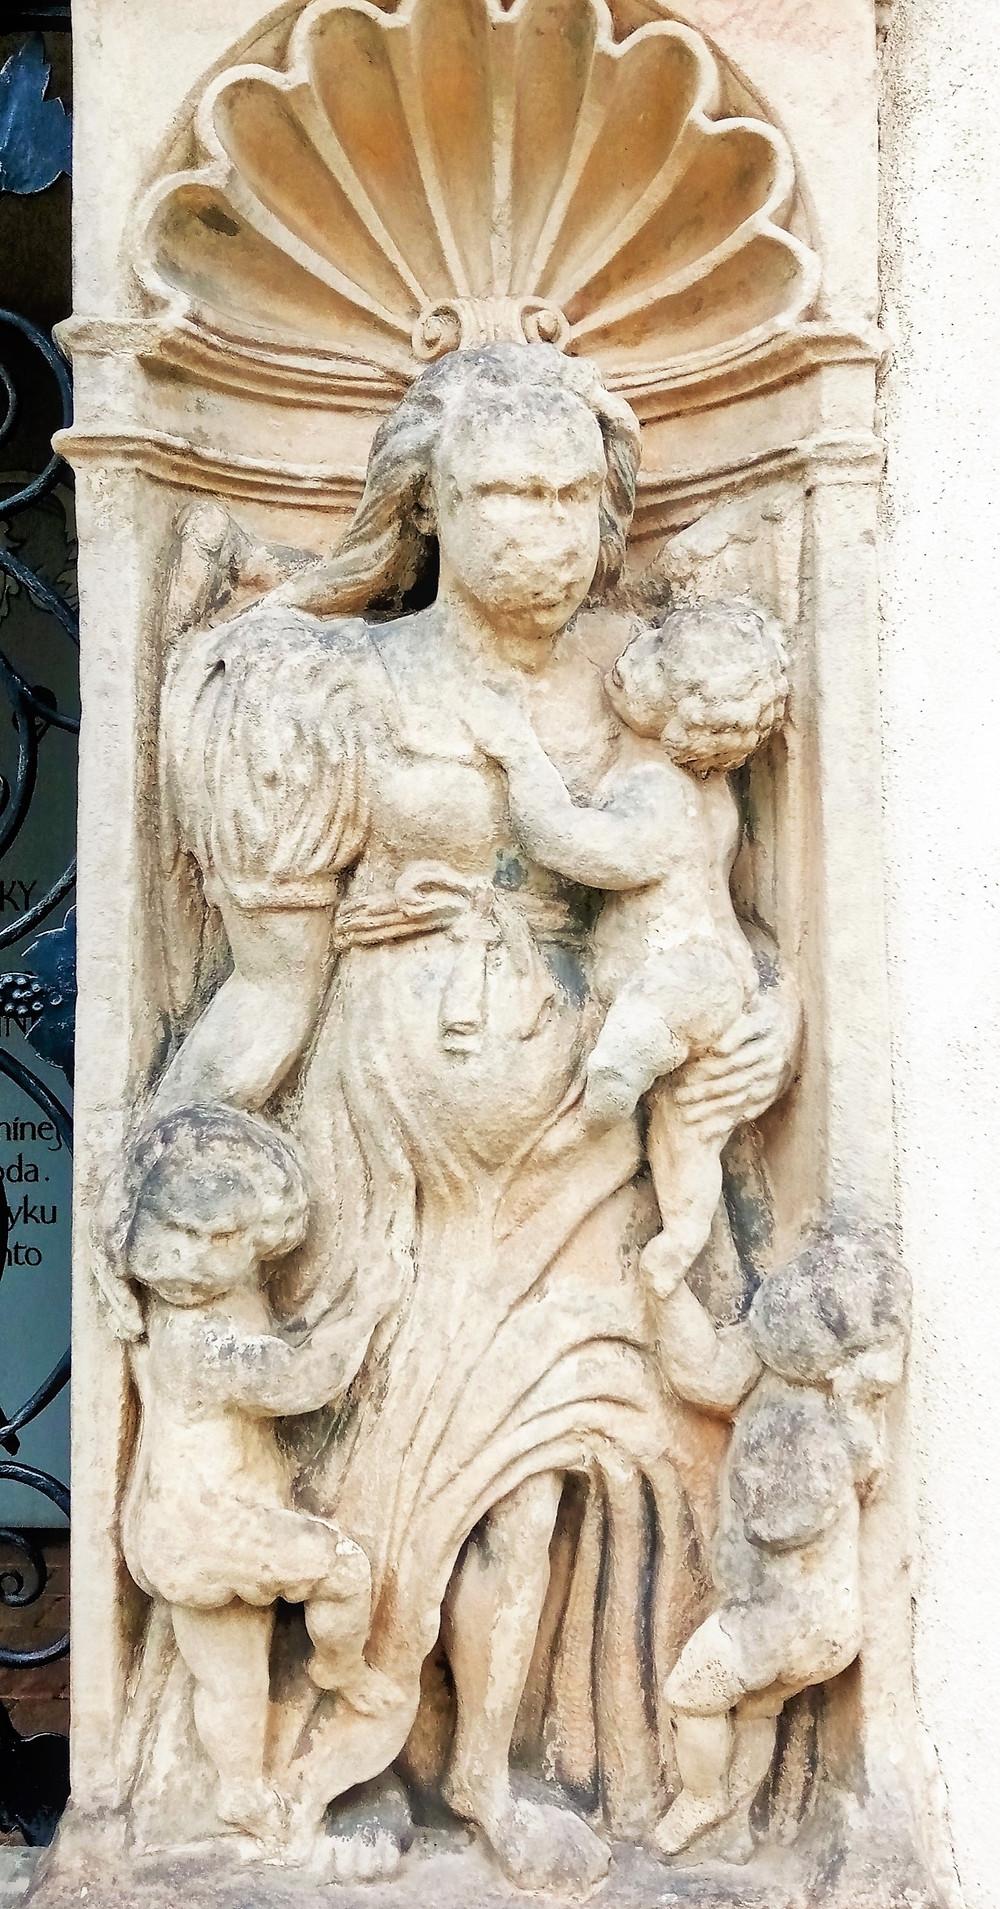 Podoba Charitas, což je alegorie křesťanské lásky, tak jak jí najdeme na hrobce Bukůwků z Bukůwky v Postřelmově